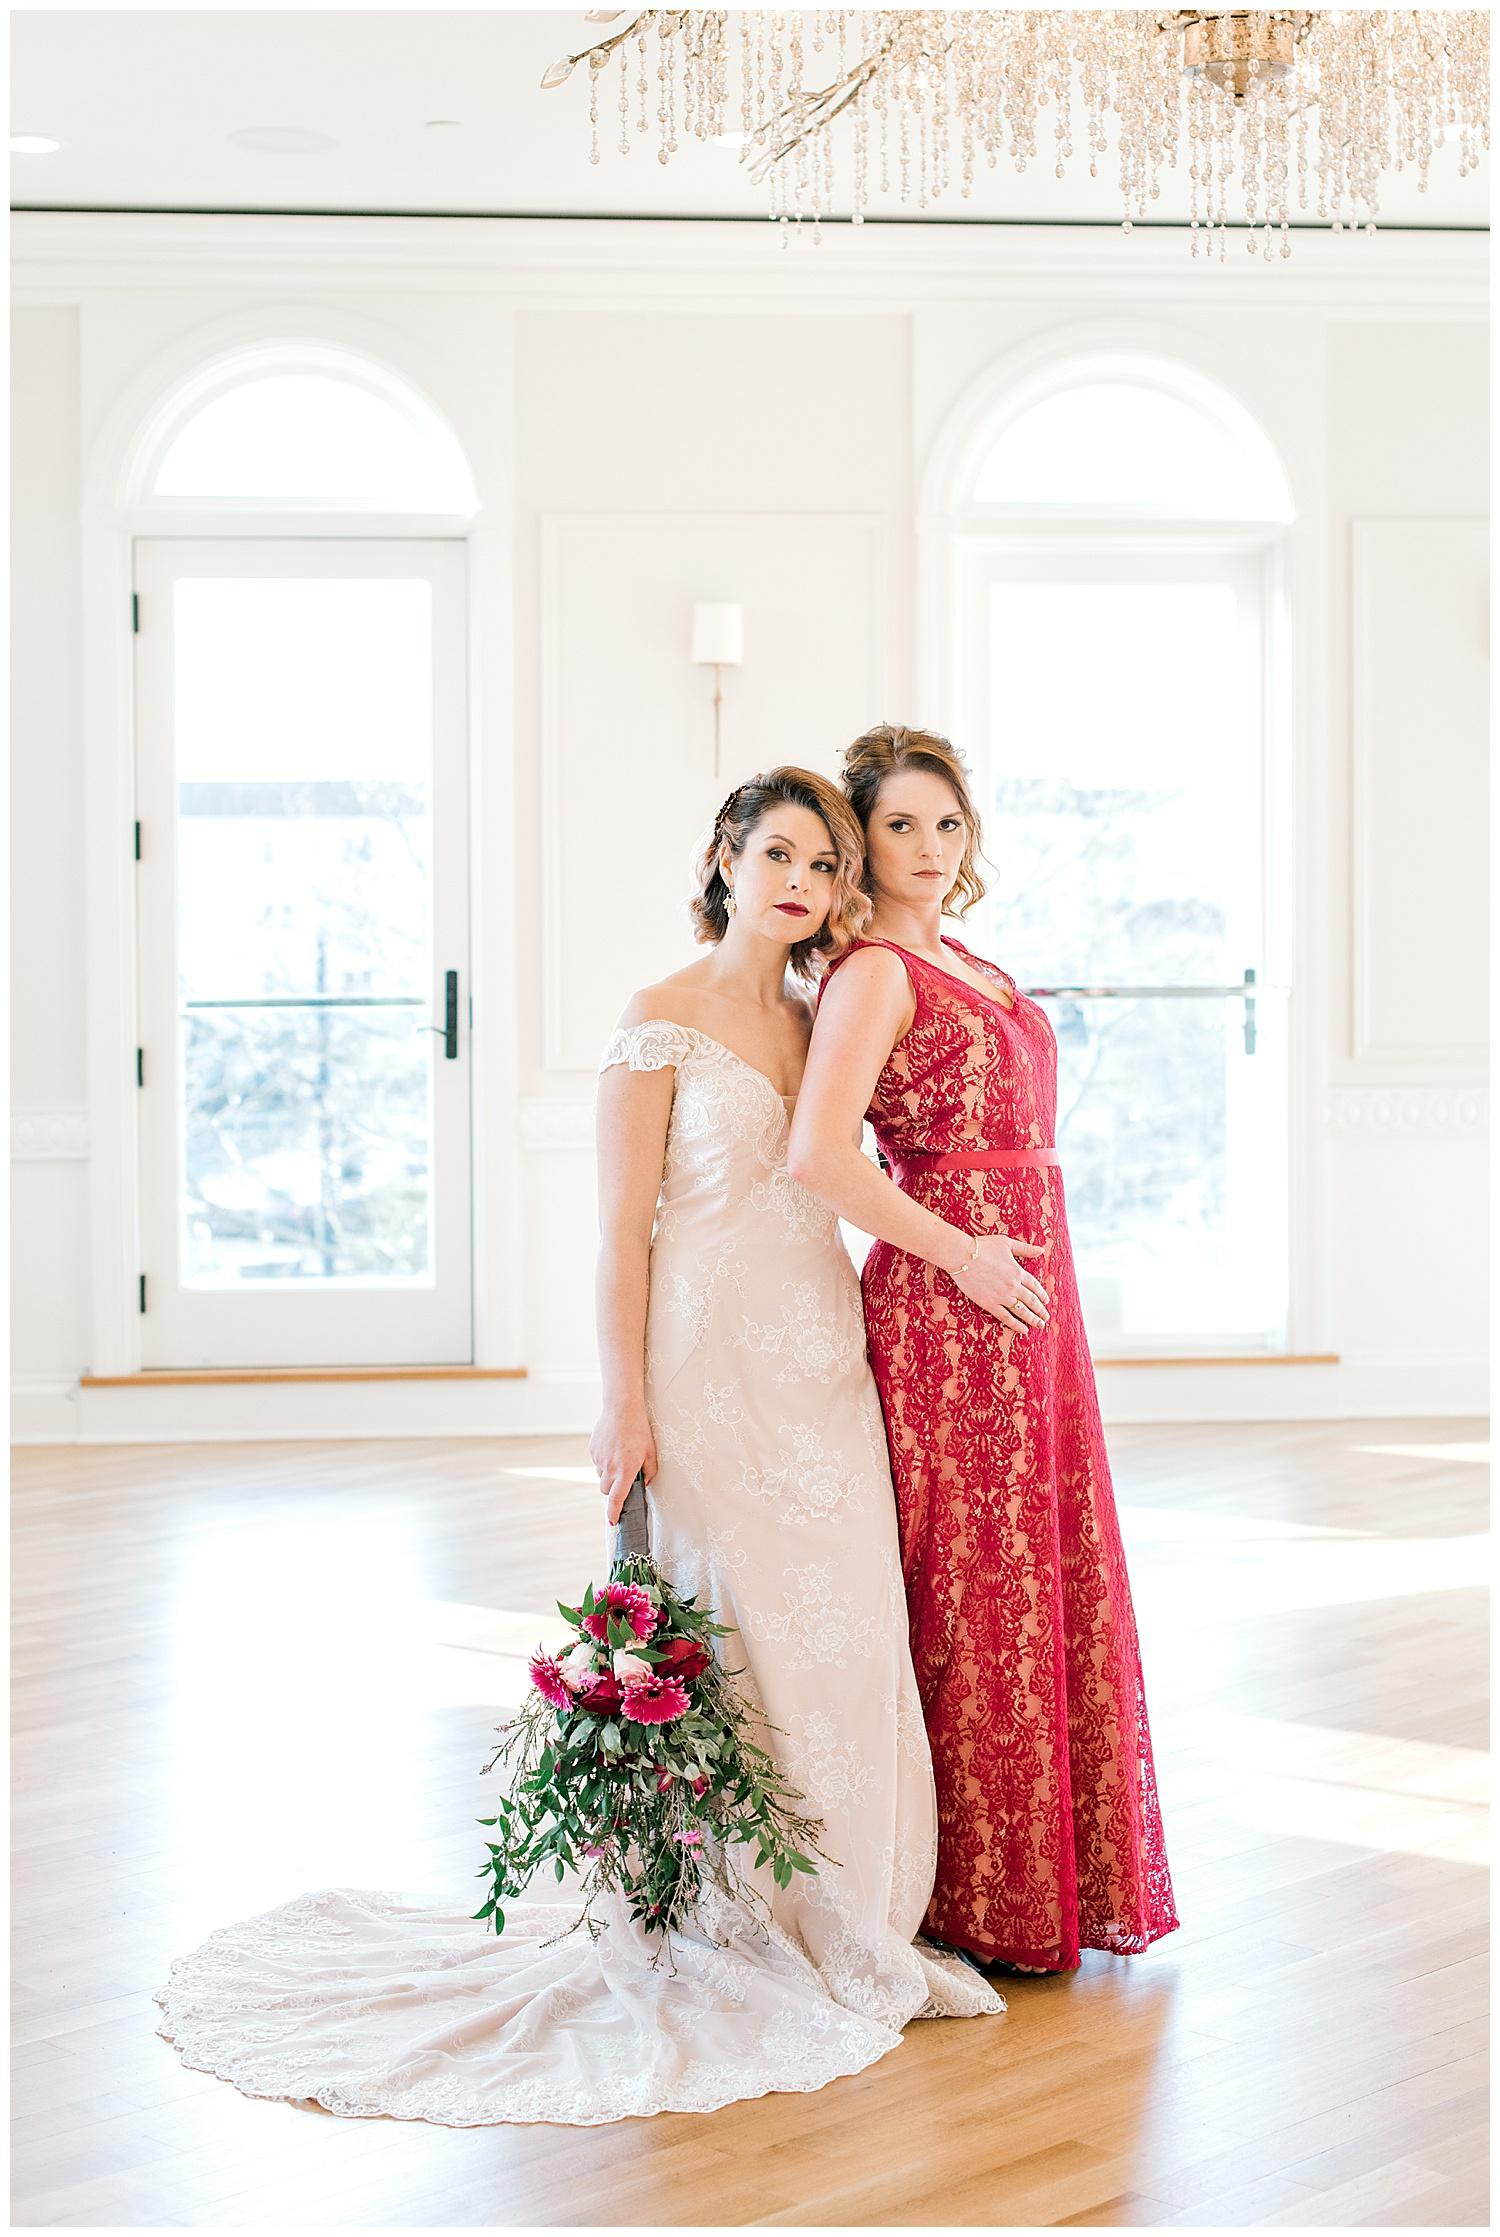 valentines-day-galentines-newport-wedding-photography-queen-annes-loft.-40.jpg